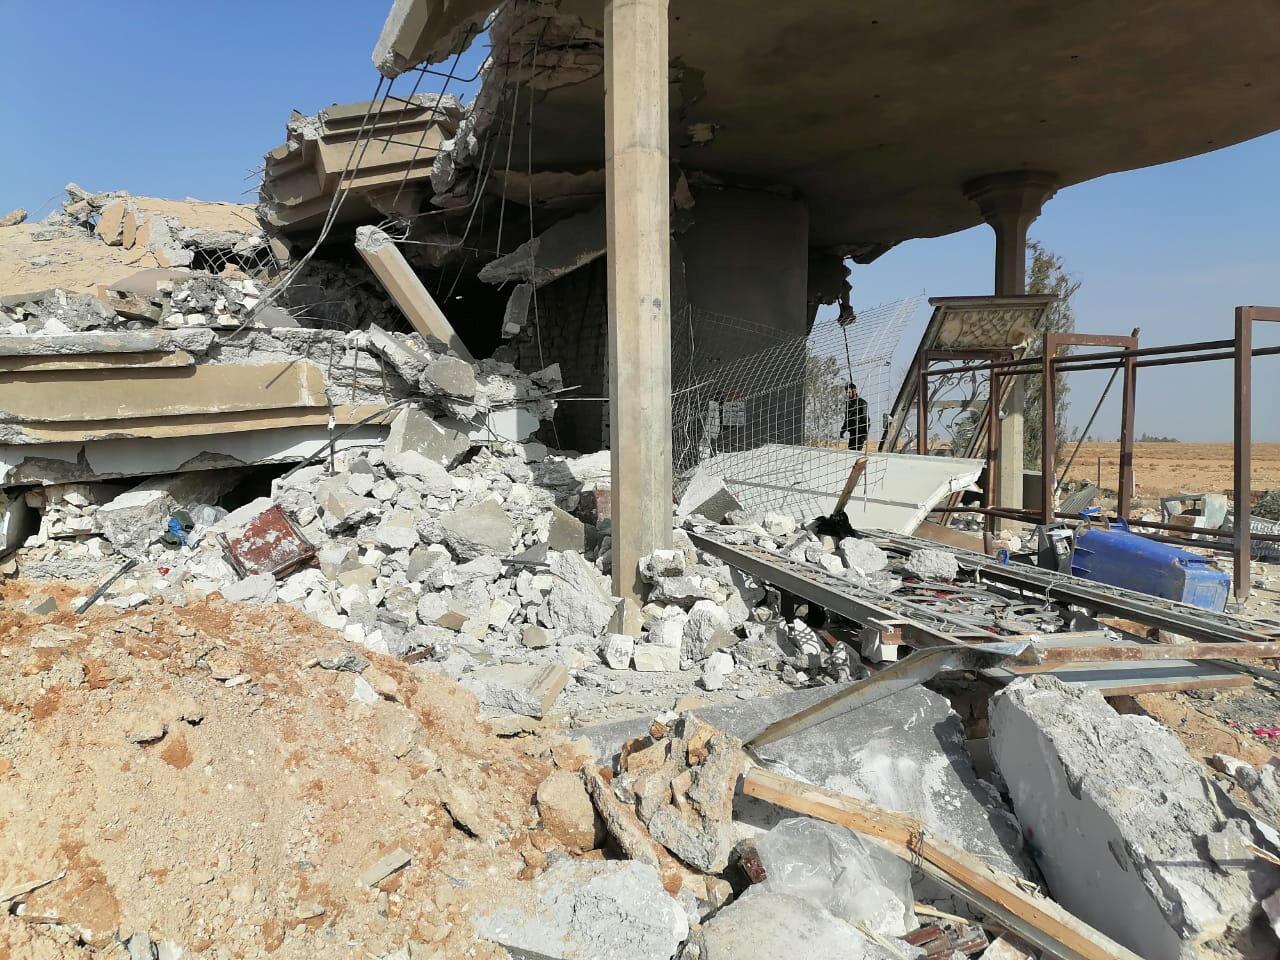 Des raids américains ont été menés près d'al-Qaïm, localité frontalière de la Syrie, contre les brigades du Hezbollah qui combattent aux côtés du régime de Bachar al-Assad.